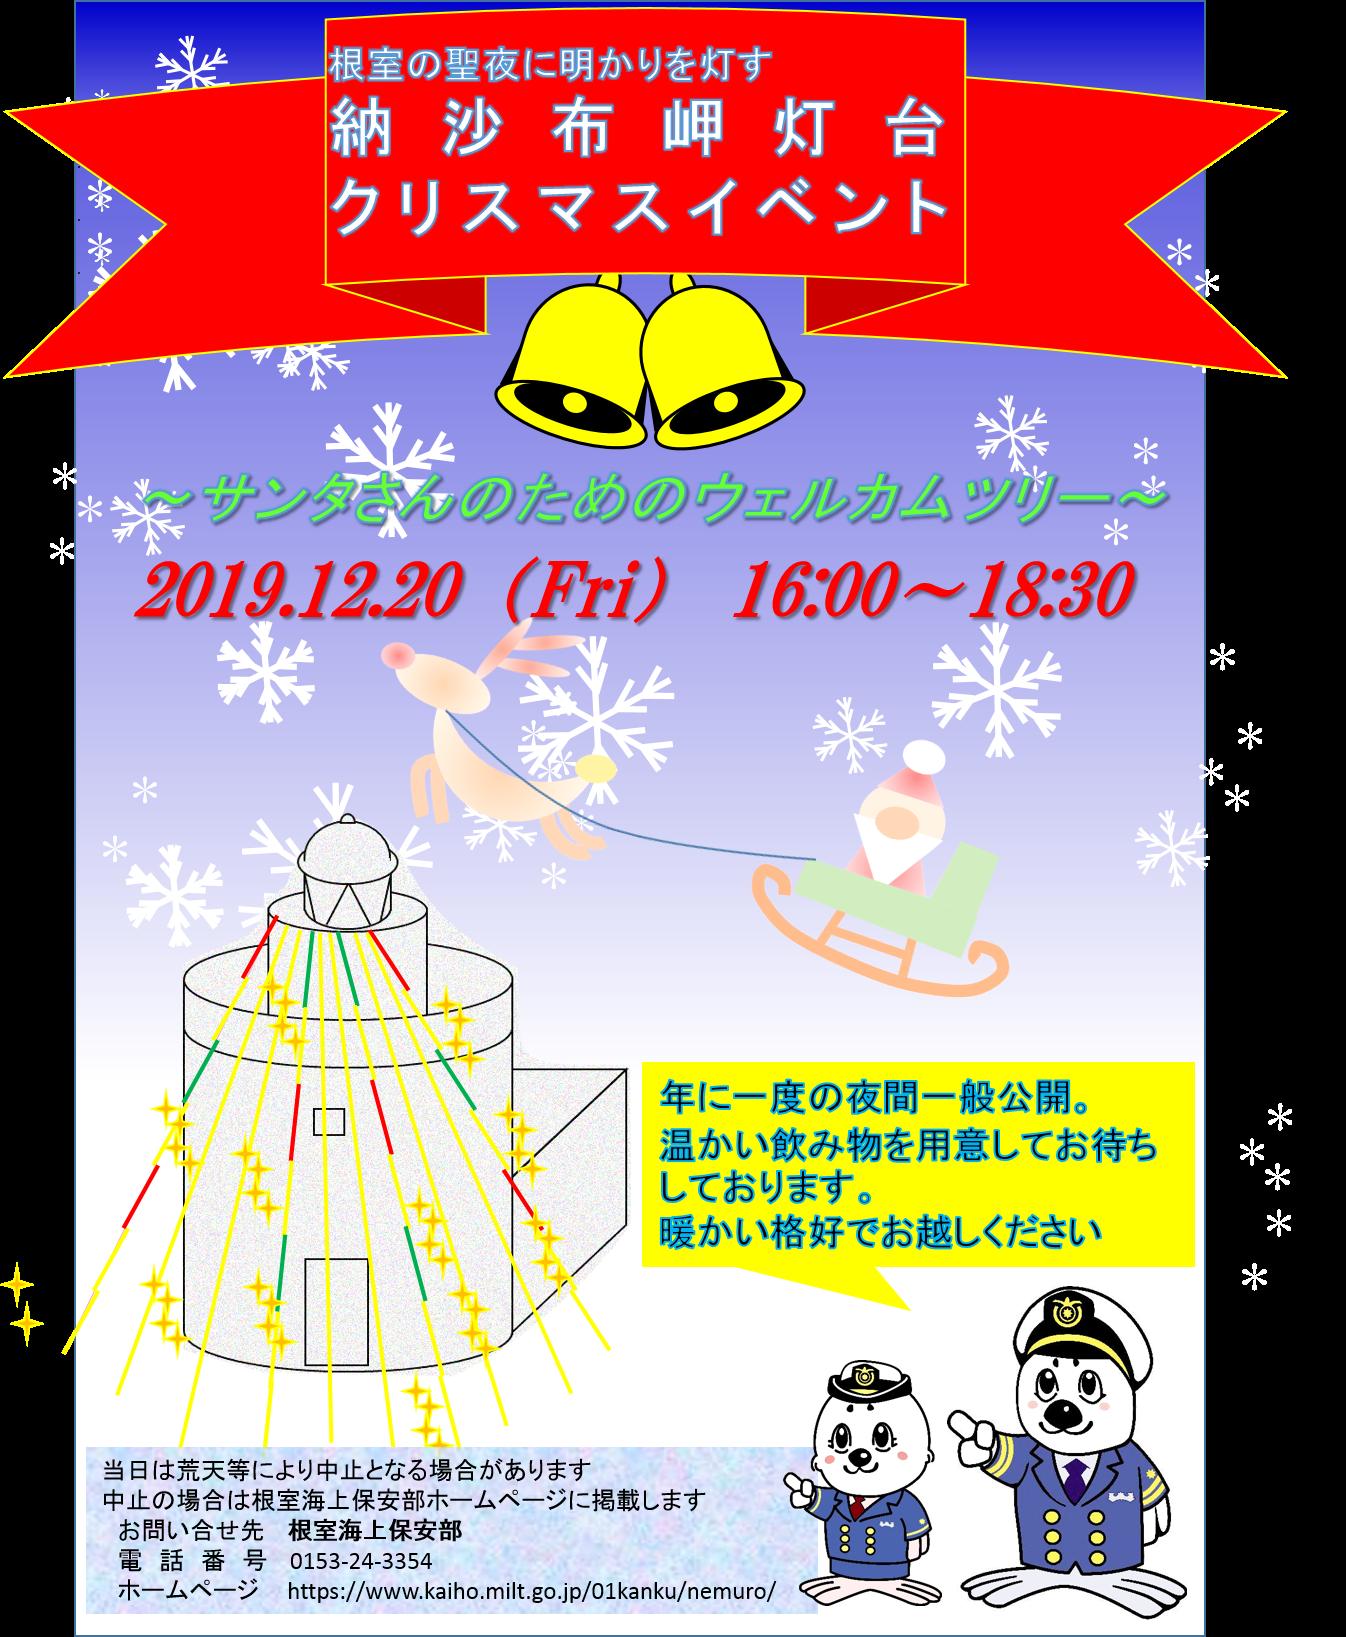 納沙布岬灯台におけるクリスマスイベントの開催について~イルミネーション点灯及び夜の灯台一般公開~